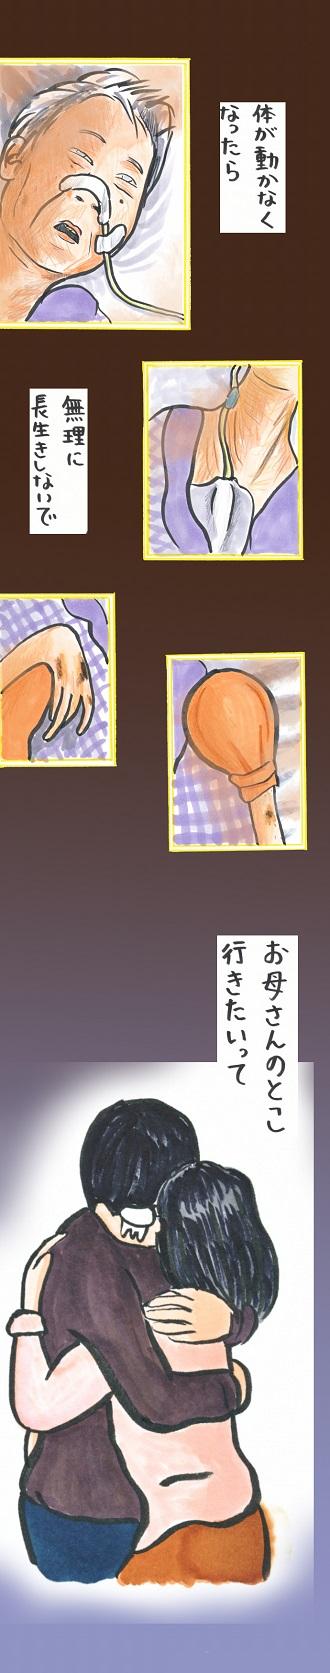 noboru17-3.jpg